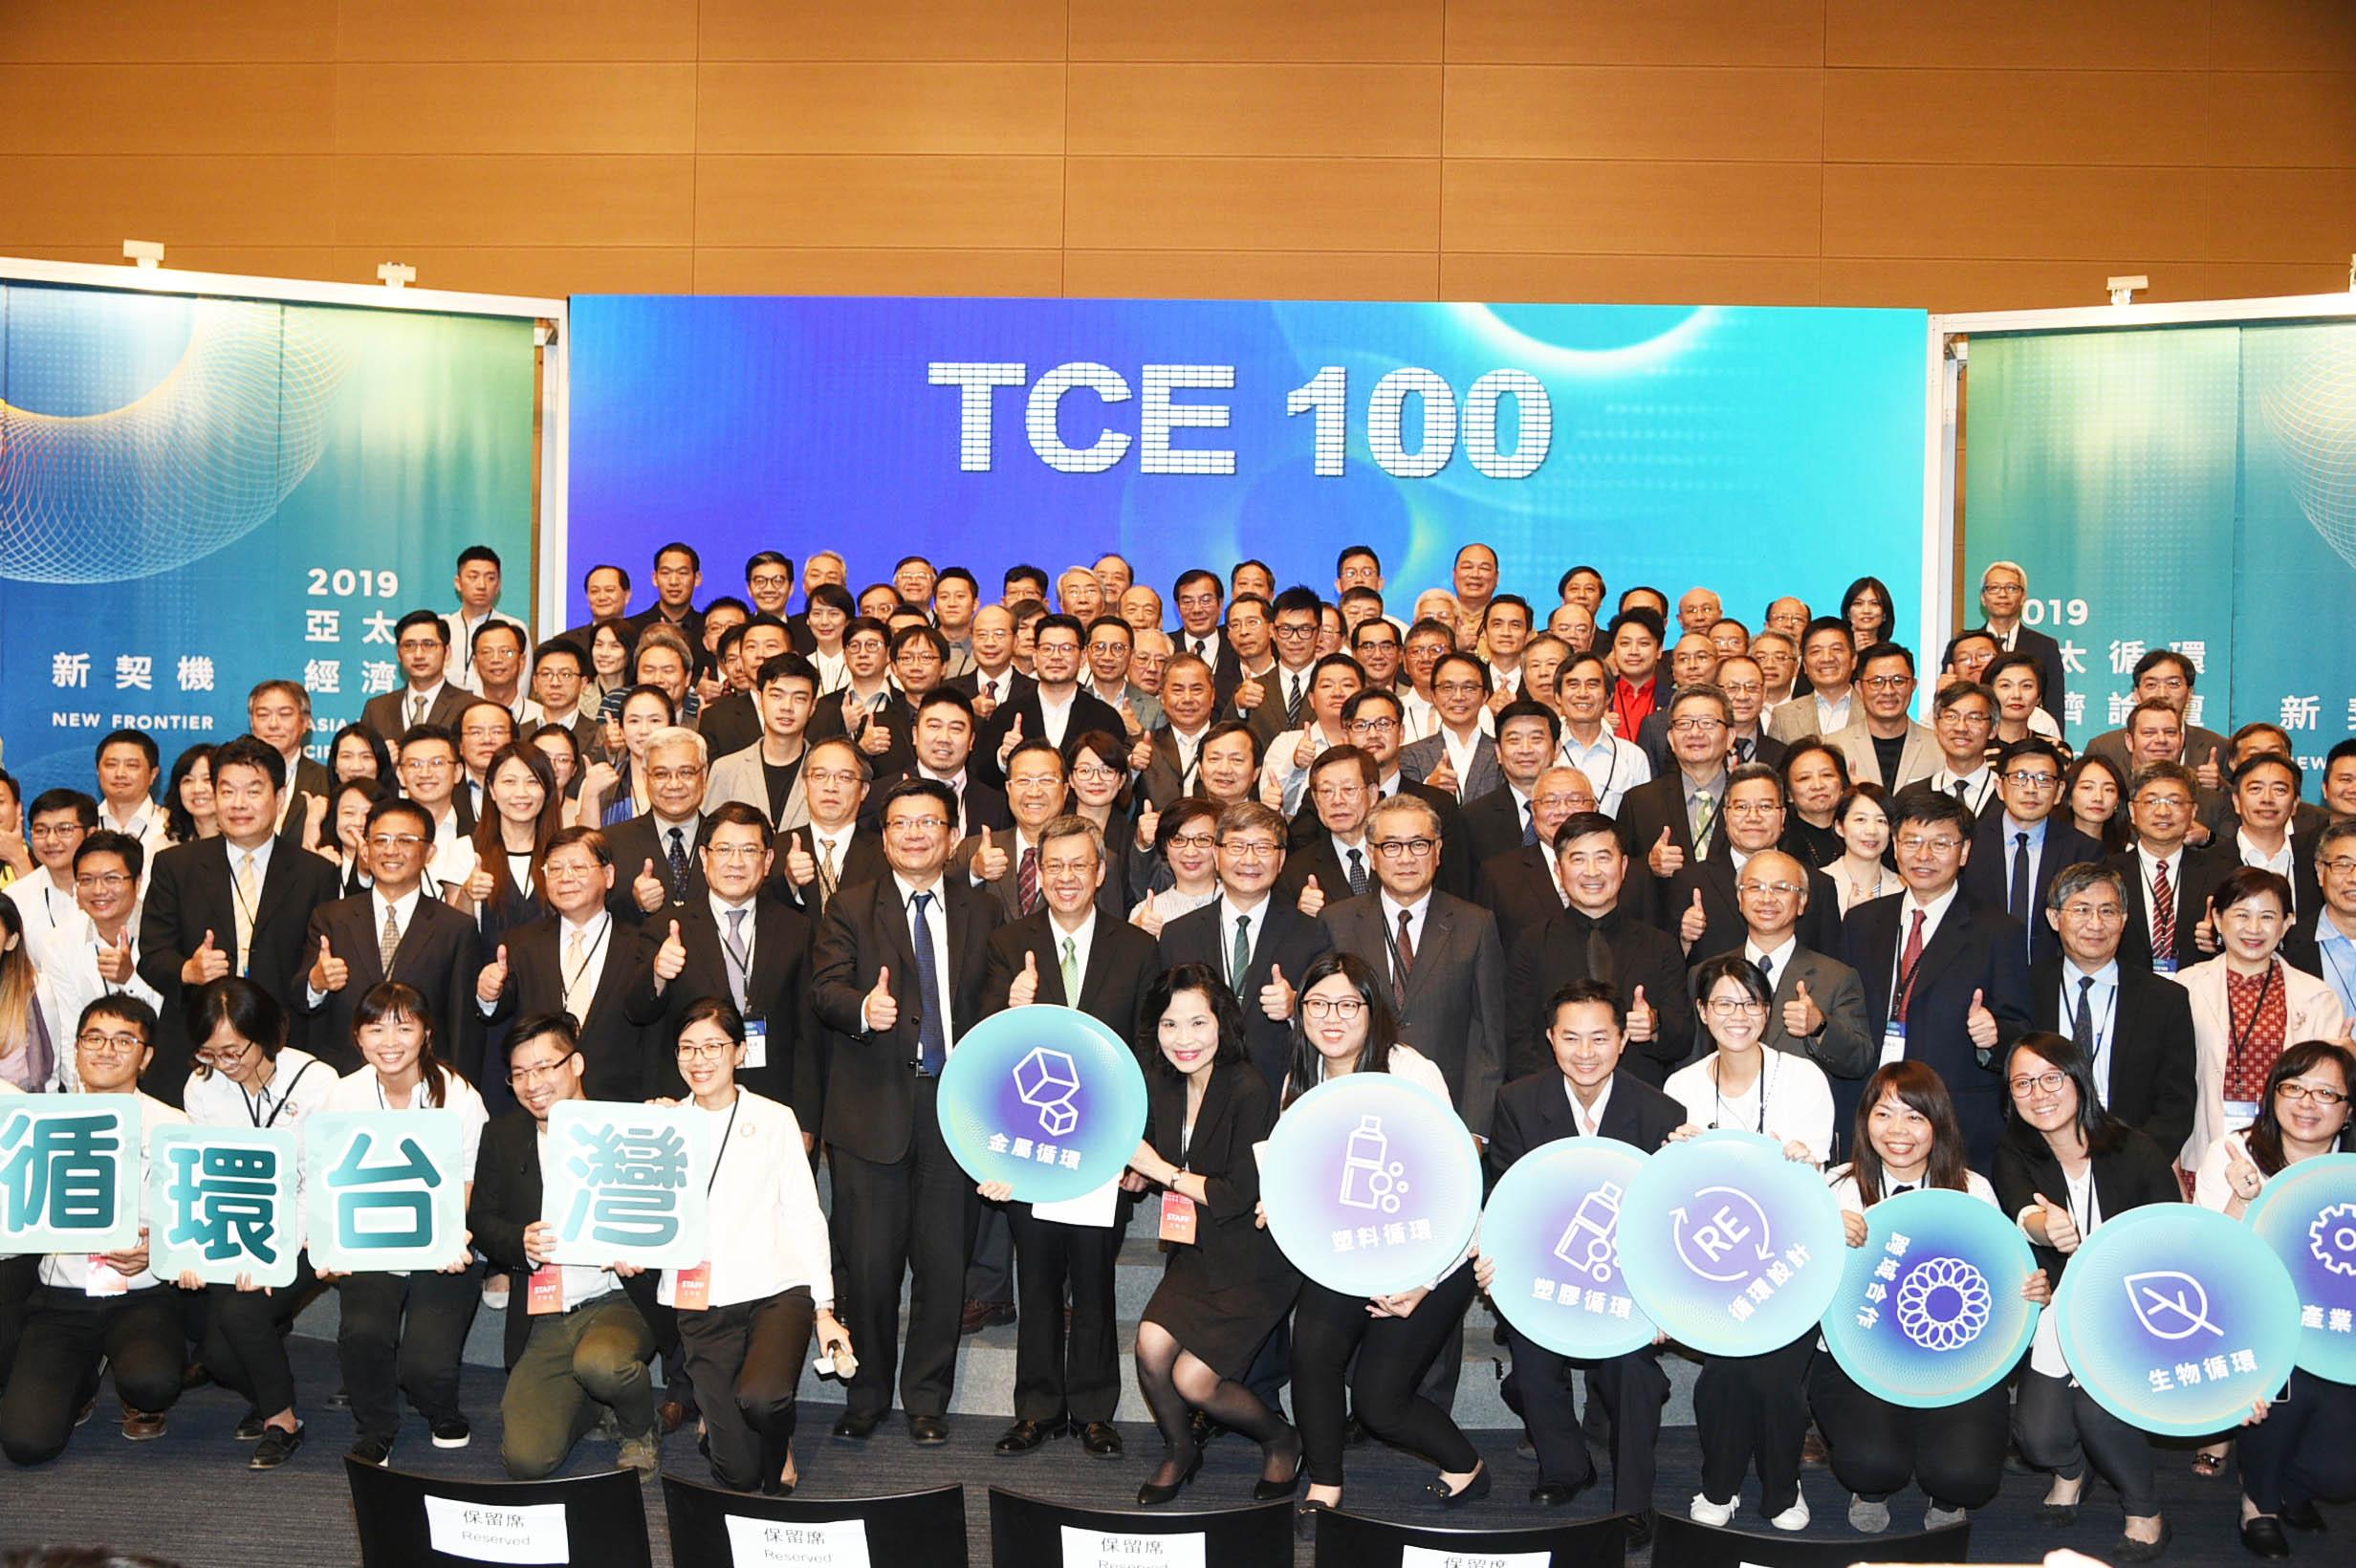 促進產業循環共生,首屆「亞太循環經濟論壇」邀請業界代表針對供應鏈、供應提出專業見解,百家廠商組成「臺灣循環經濟大聯盟」, 為臺灣加值加分。